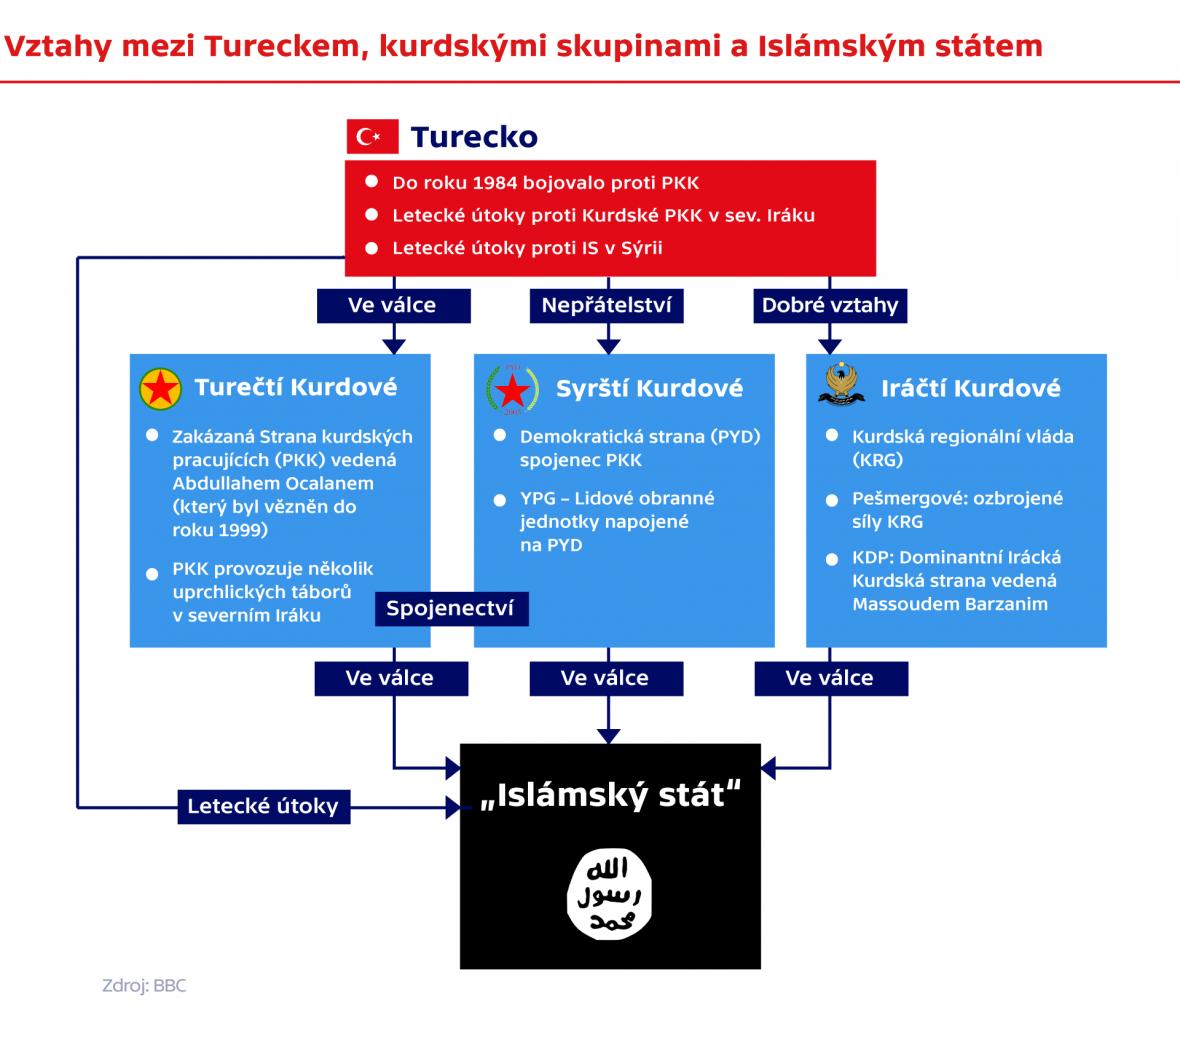 Vztahy mezi Tureckem, Kurdskými skupinami a Islámským státem